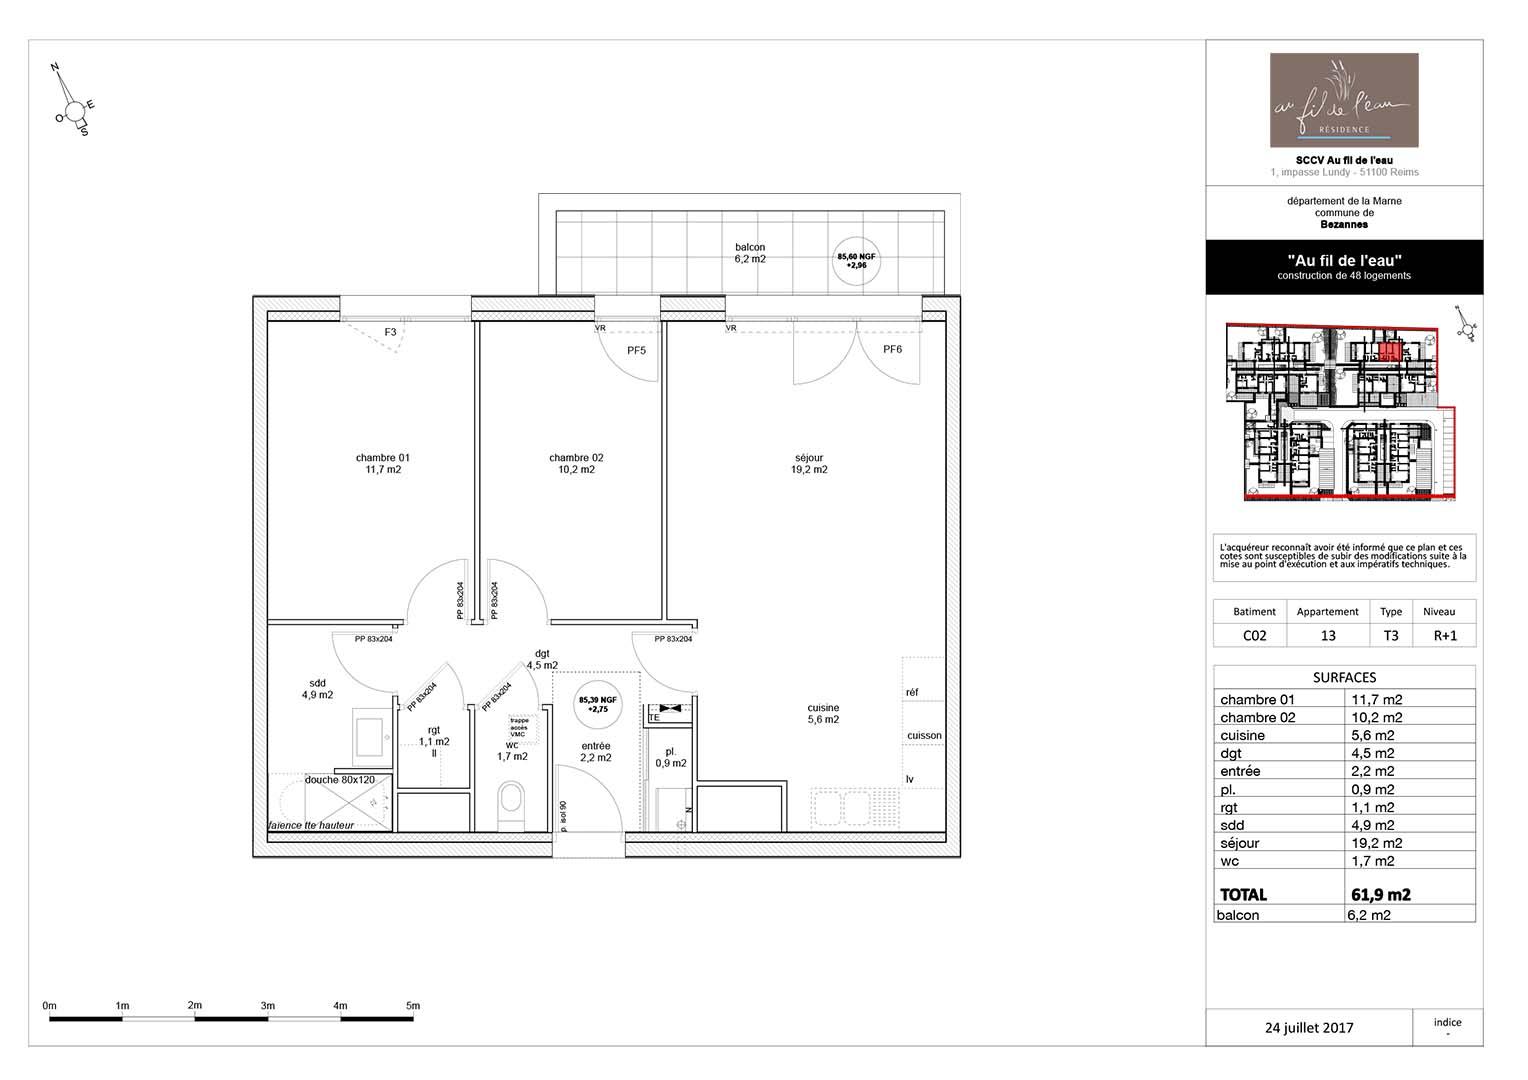 appartement C02-13 de type T3